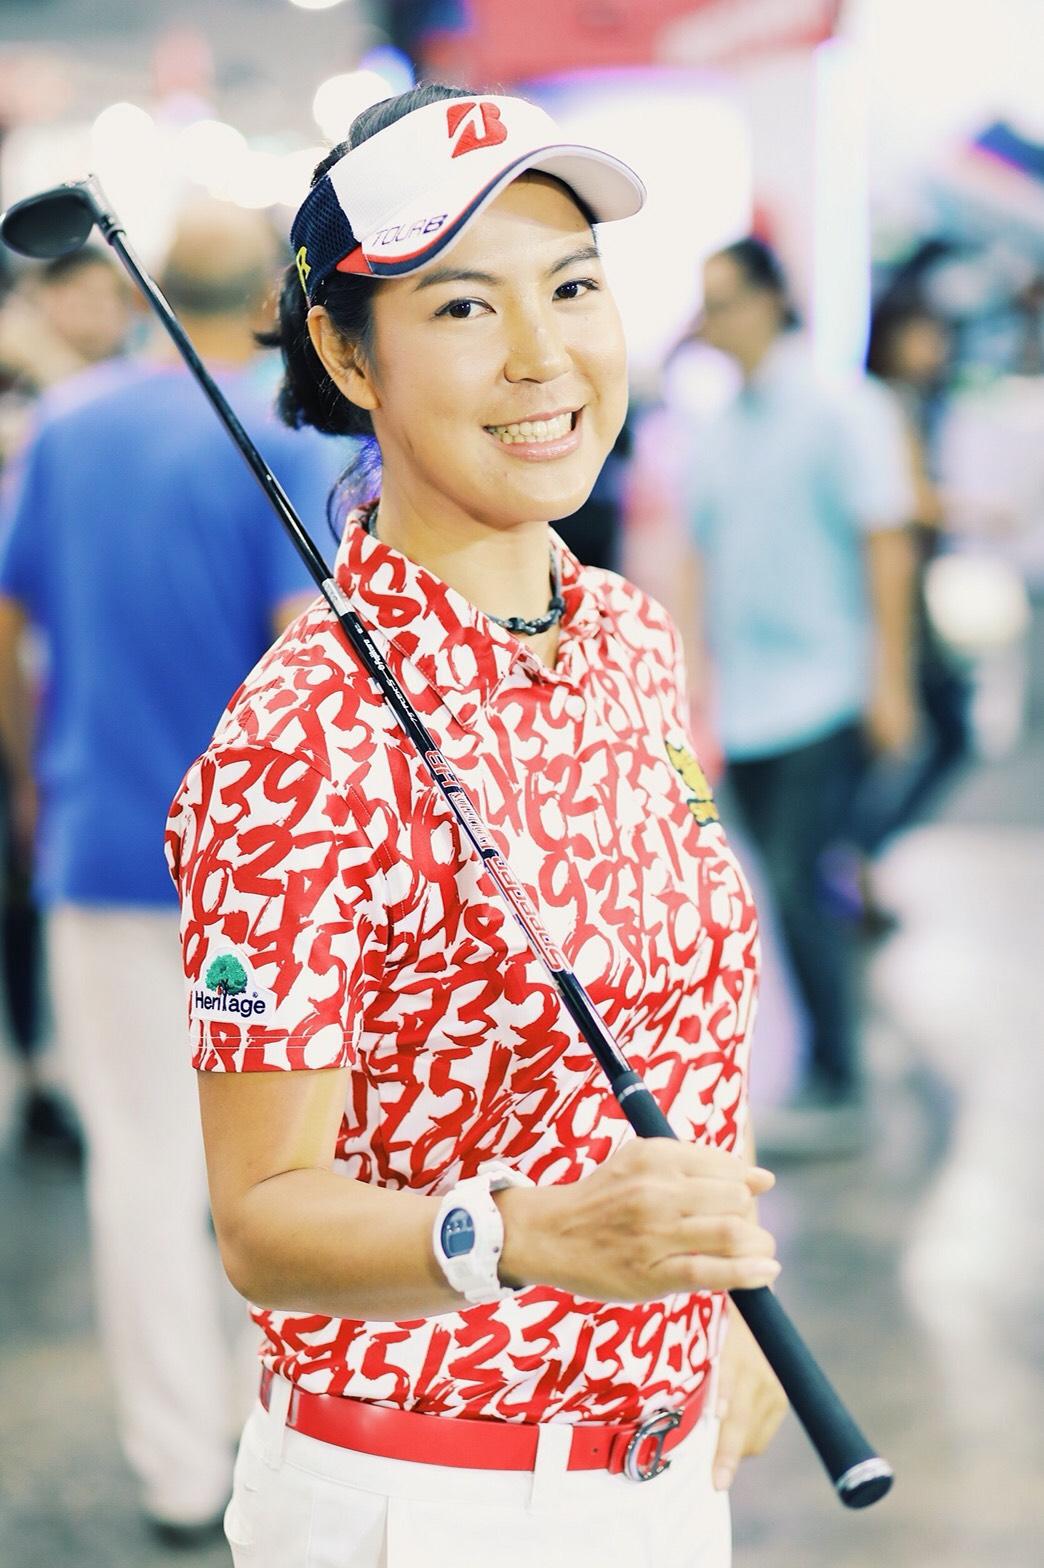 ขอเชิญชวนร่วมแข่งขันกอล์ฟการกุศล 125ปี สภากาชาดไทย